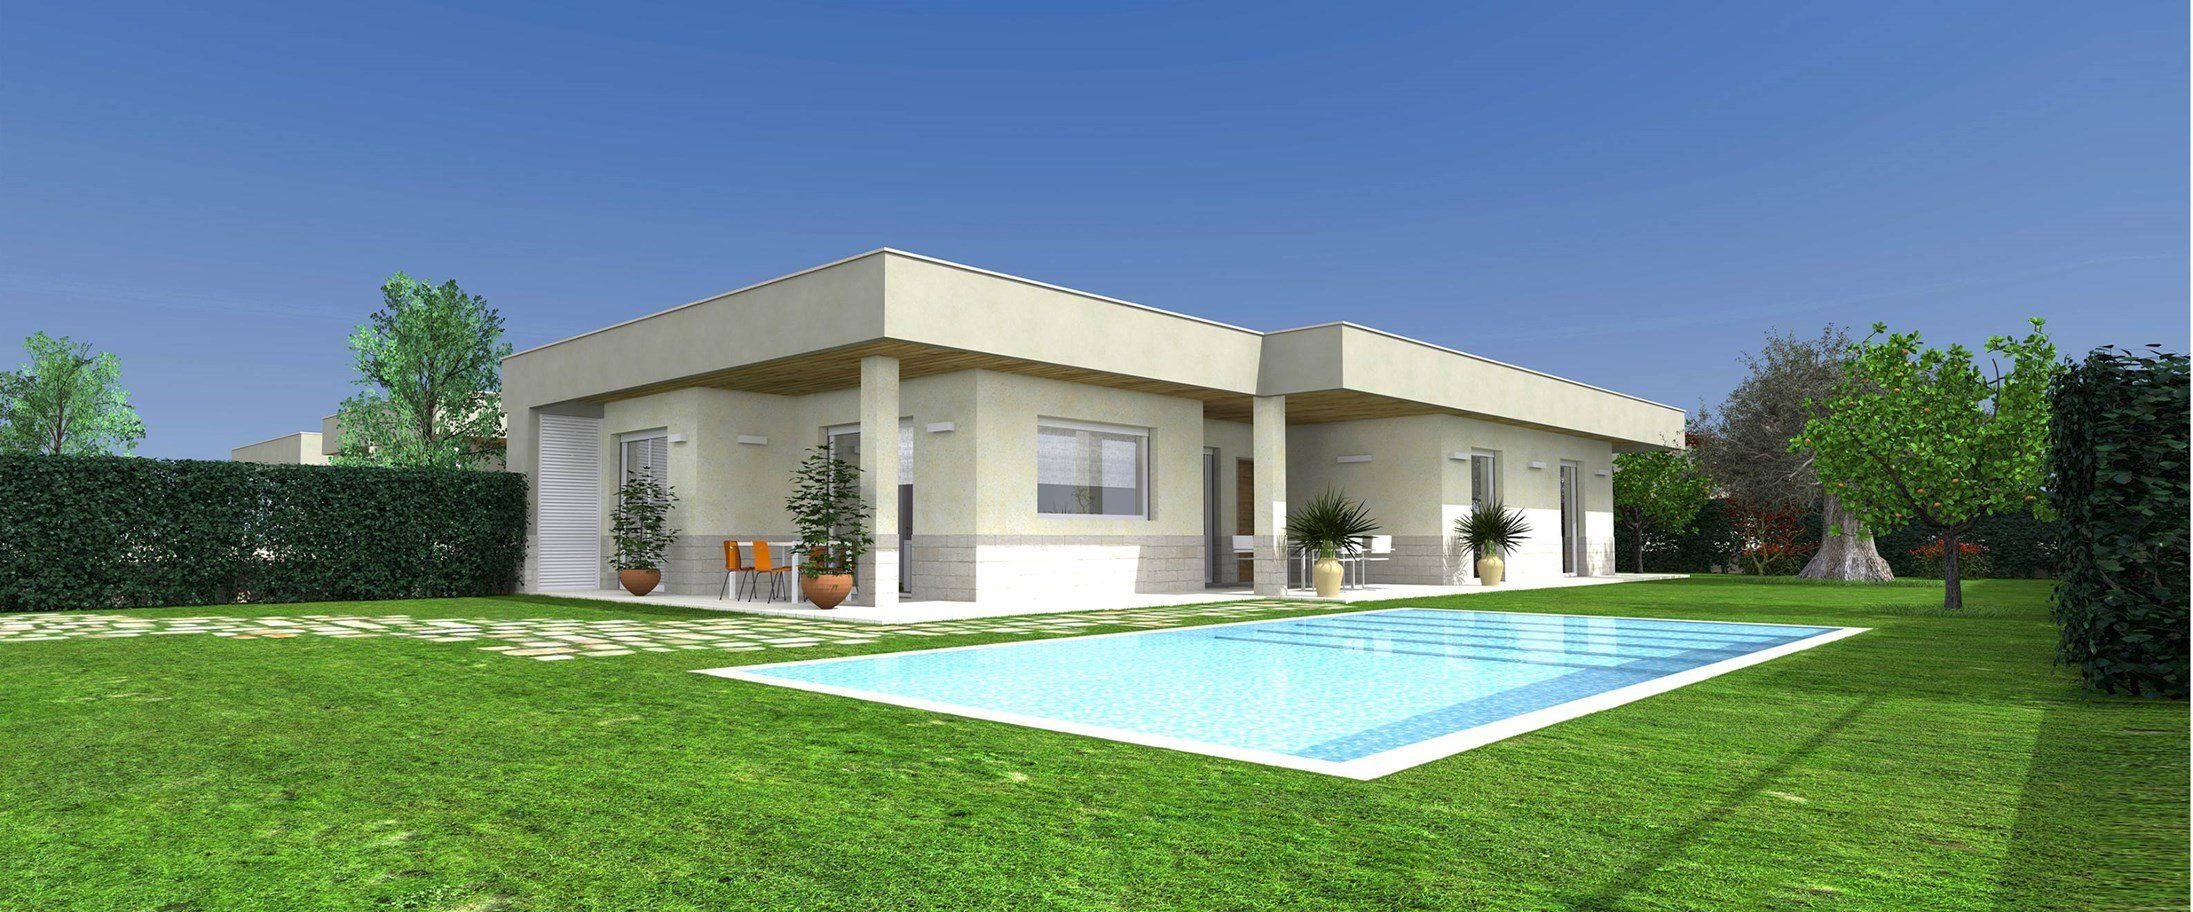 Nasce in Puglia il più esteso impianto italiano in tecnologia FTTH, Fiber to the Home, firmato Bticino